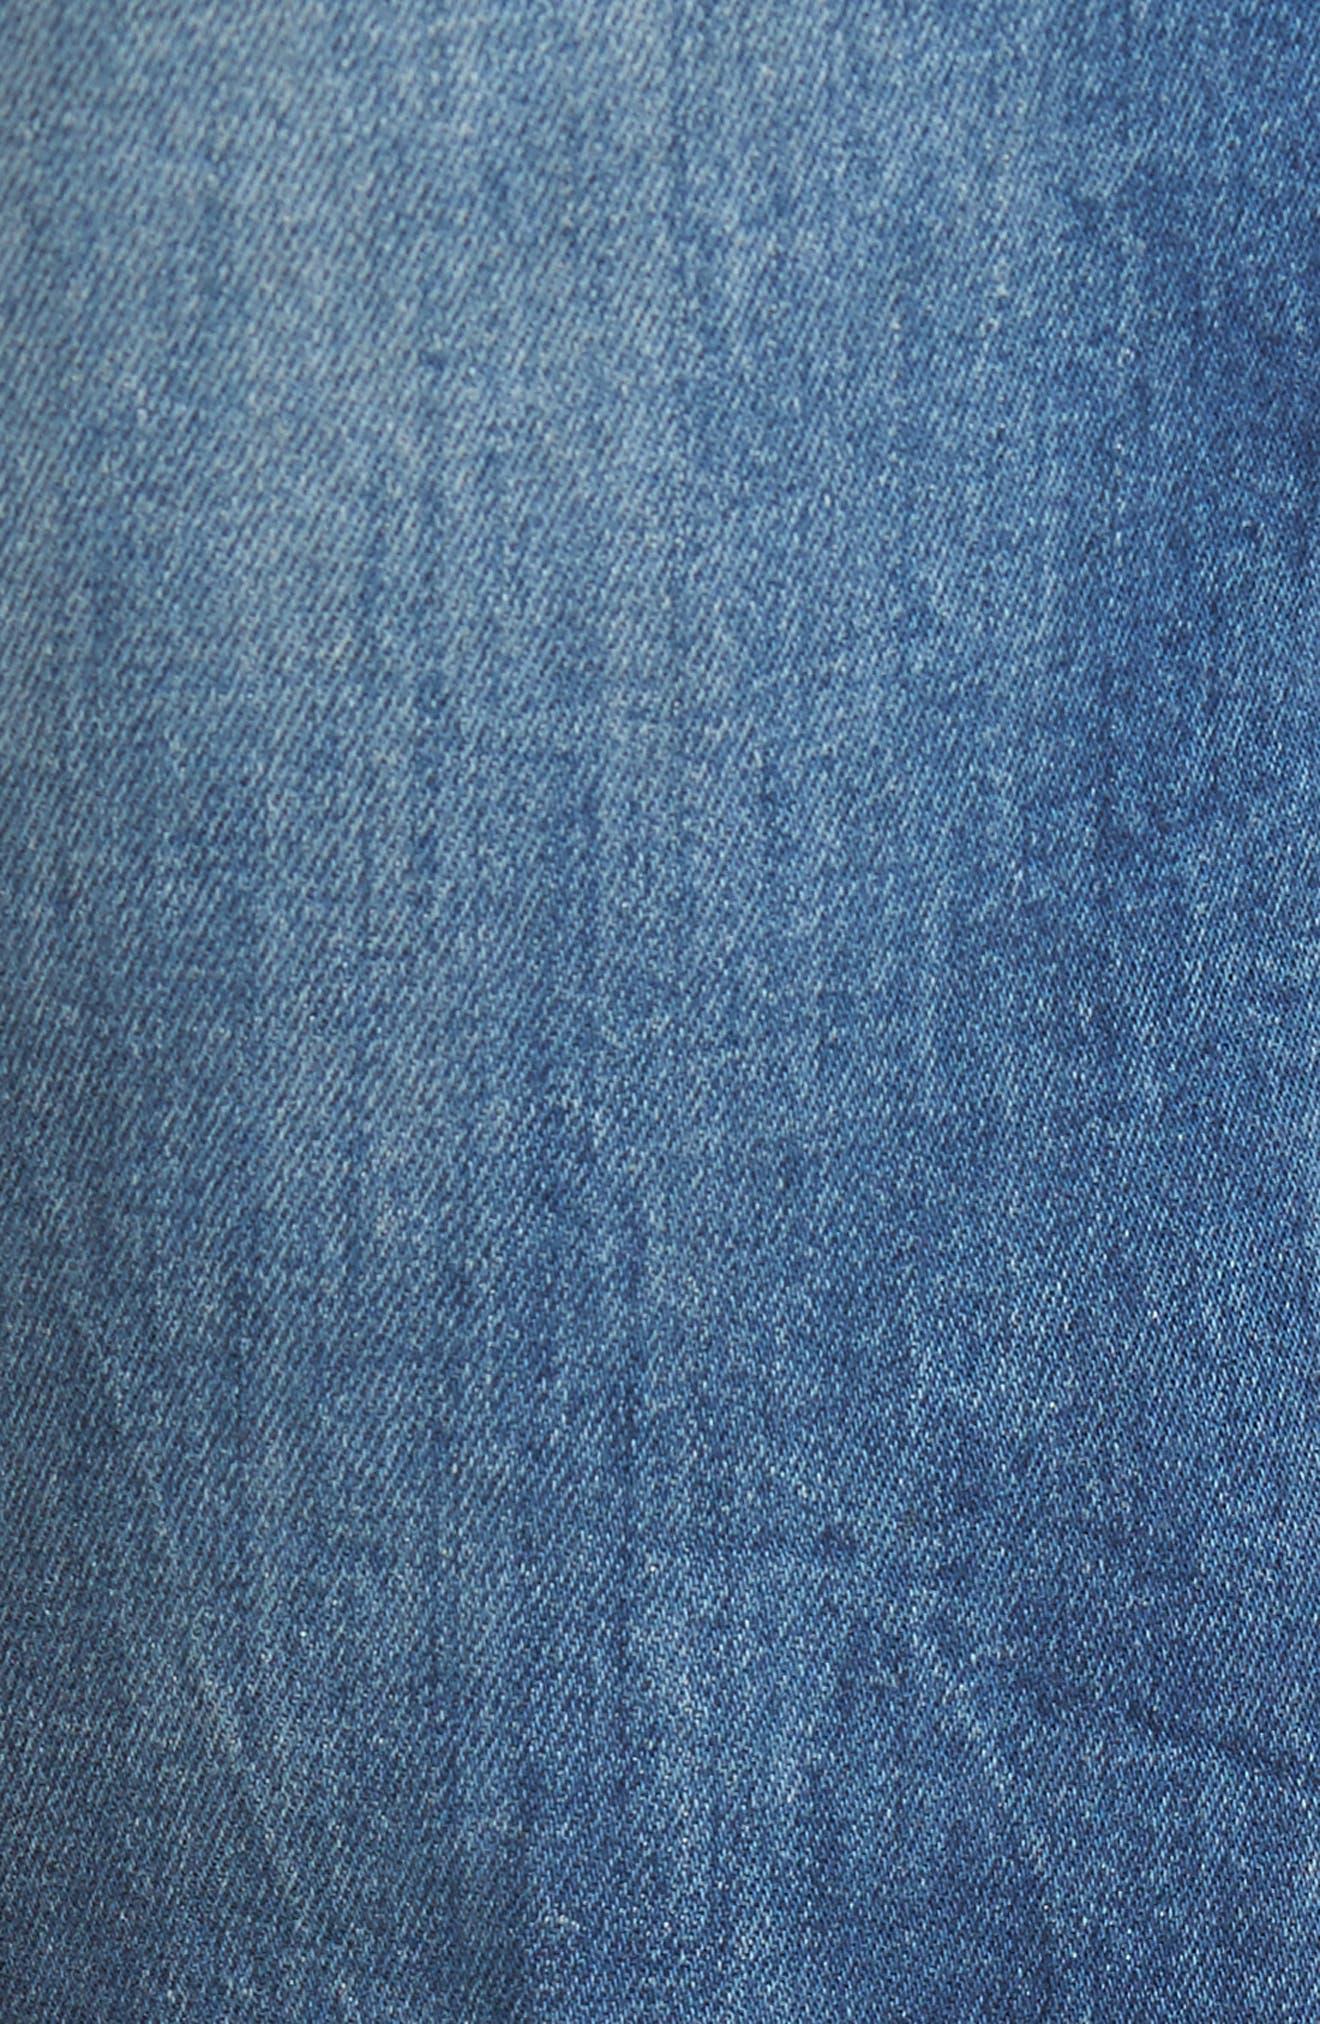 Alternate Image 5  - AG Everett Slim Straight Leg Jeans (12 Year Off Ramp)